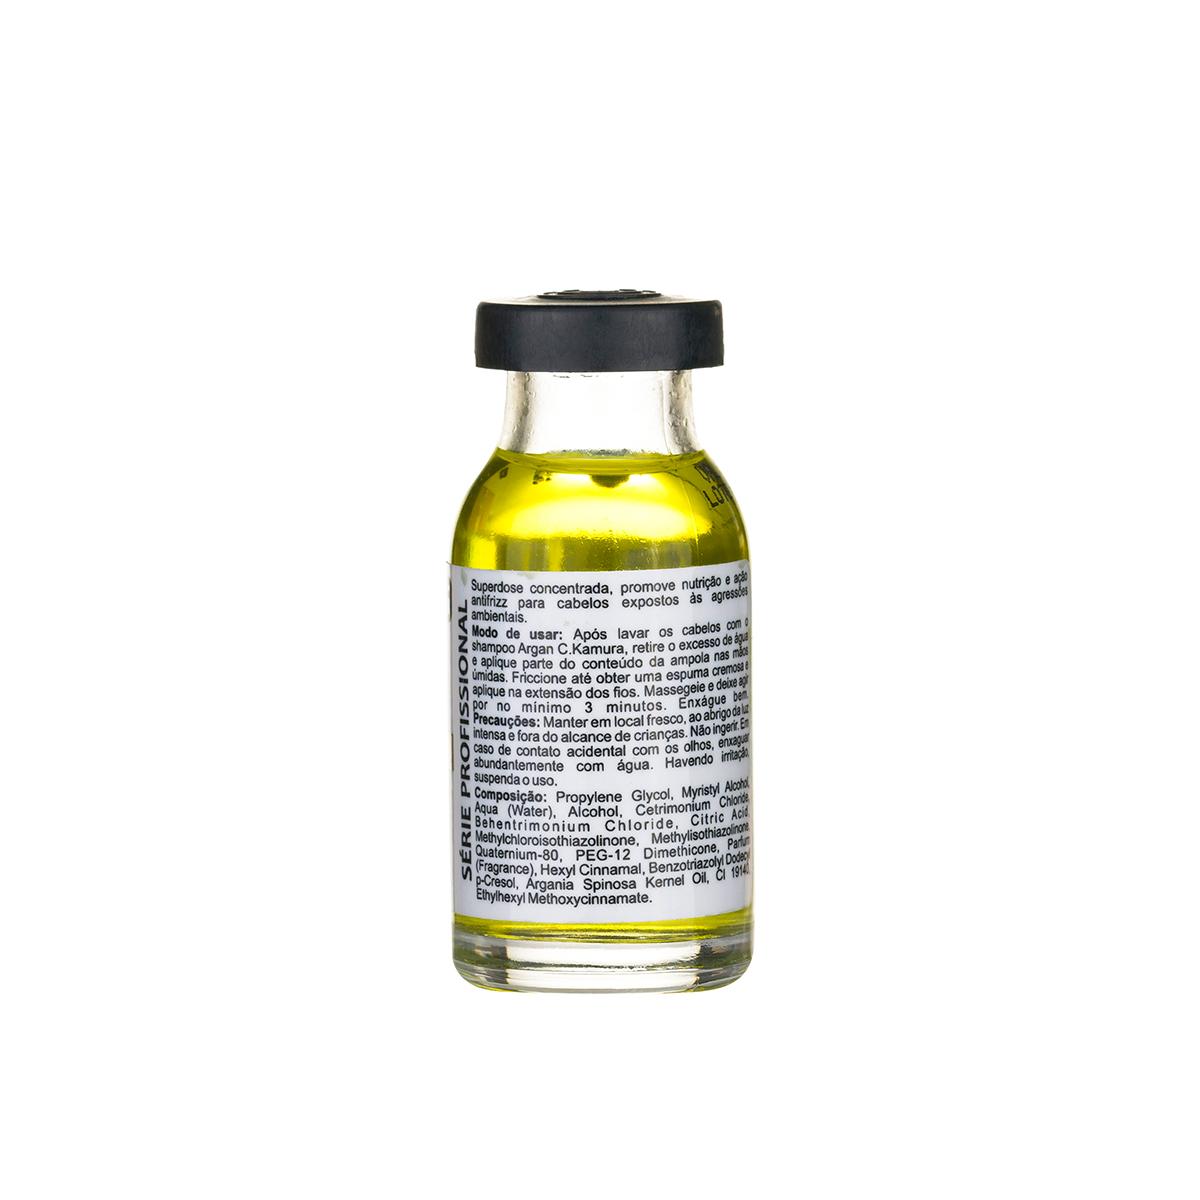 Superdose Autoaquecida Argan Oil CKamura Nutrição Antifrizz 15Ml